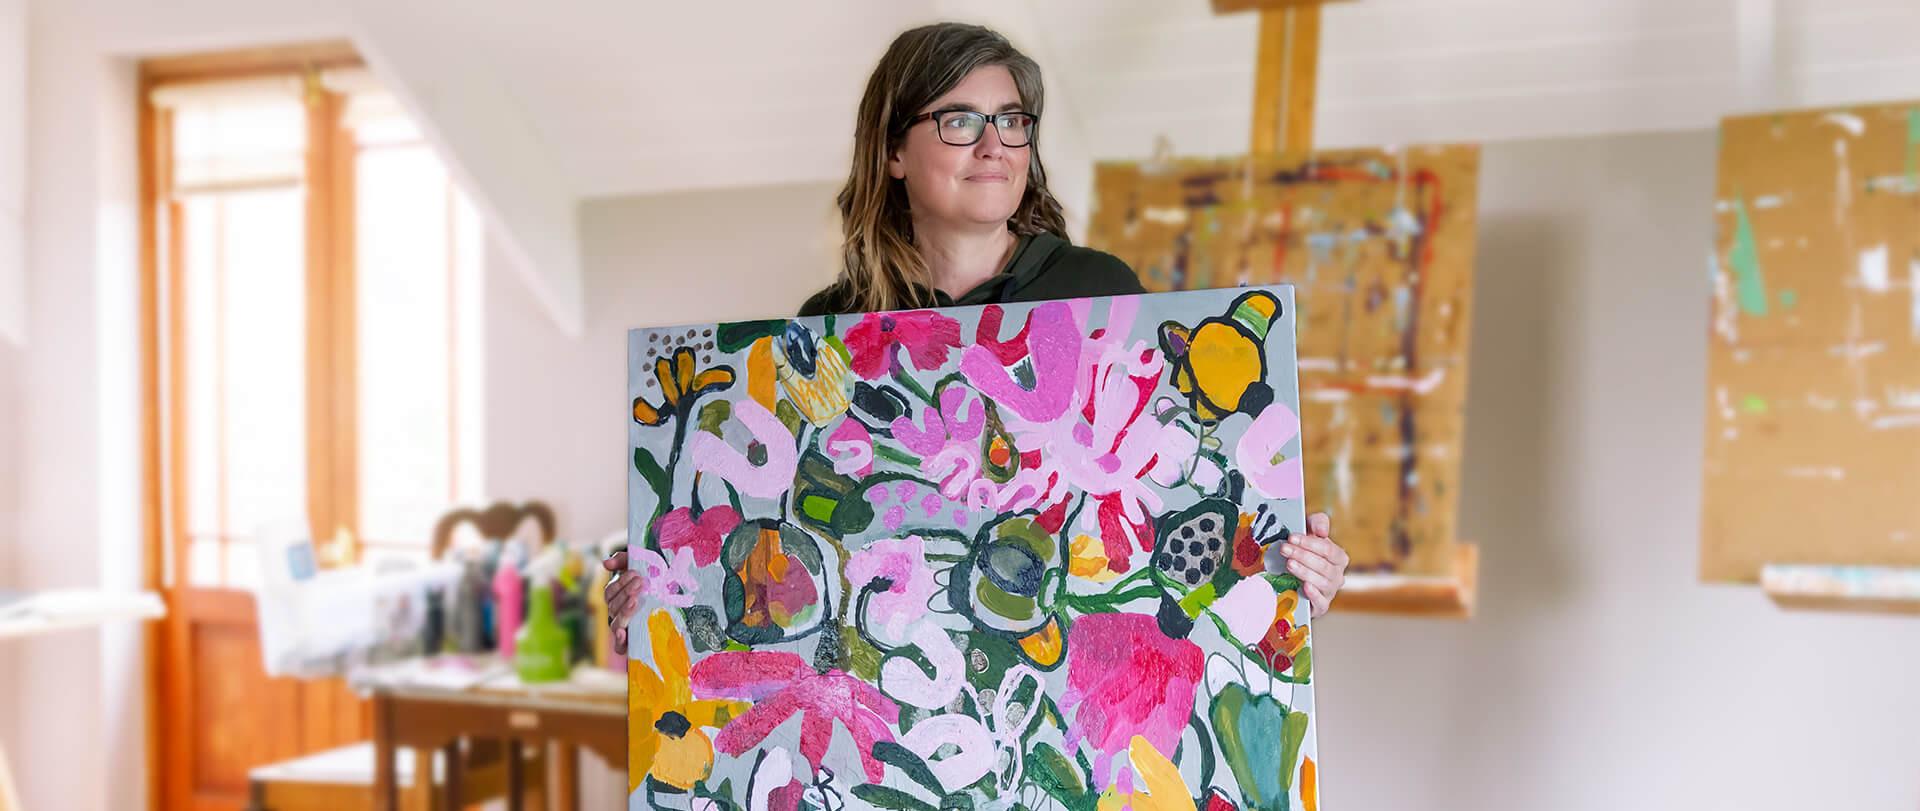 Tracy Algar - South African Artist